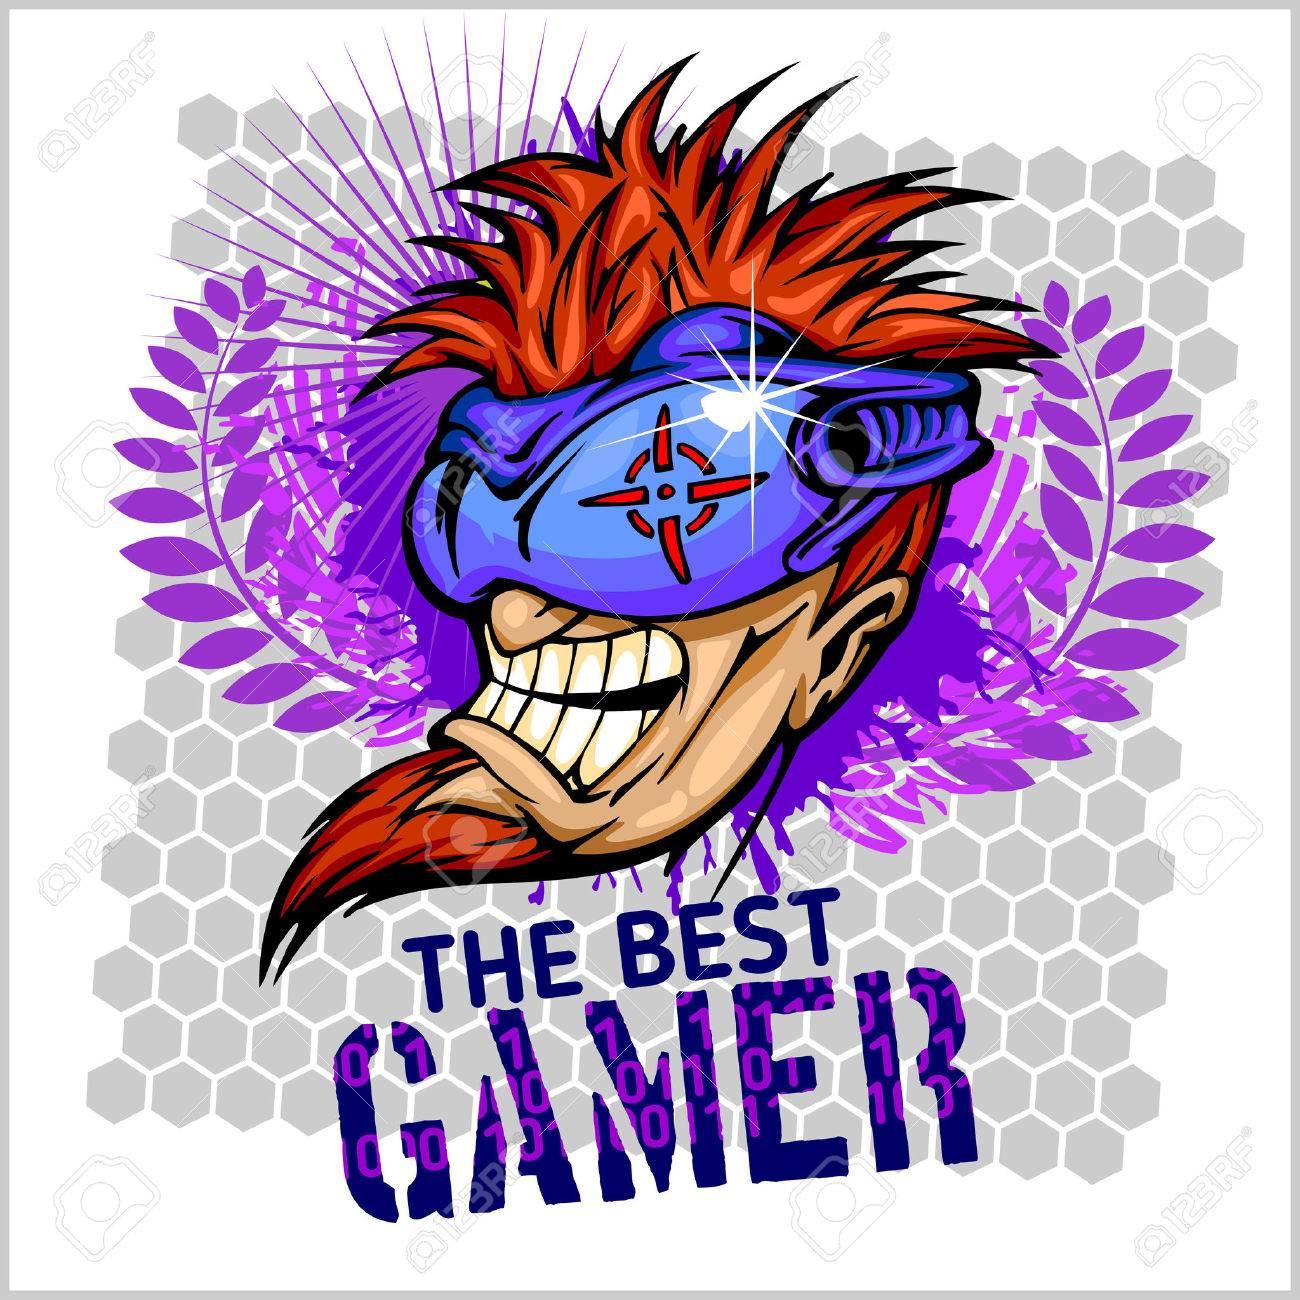 Design t shirt vector - The Best Gamer Emblem For T Shirt Vector Design Stock Vector 36932067